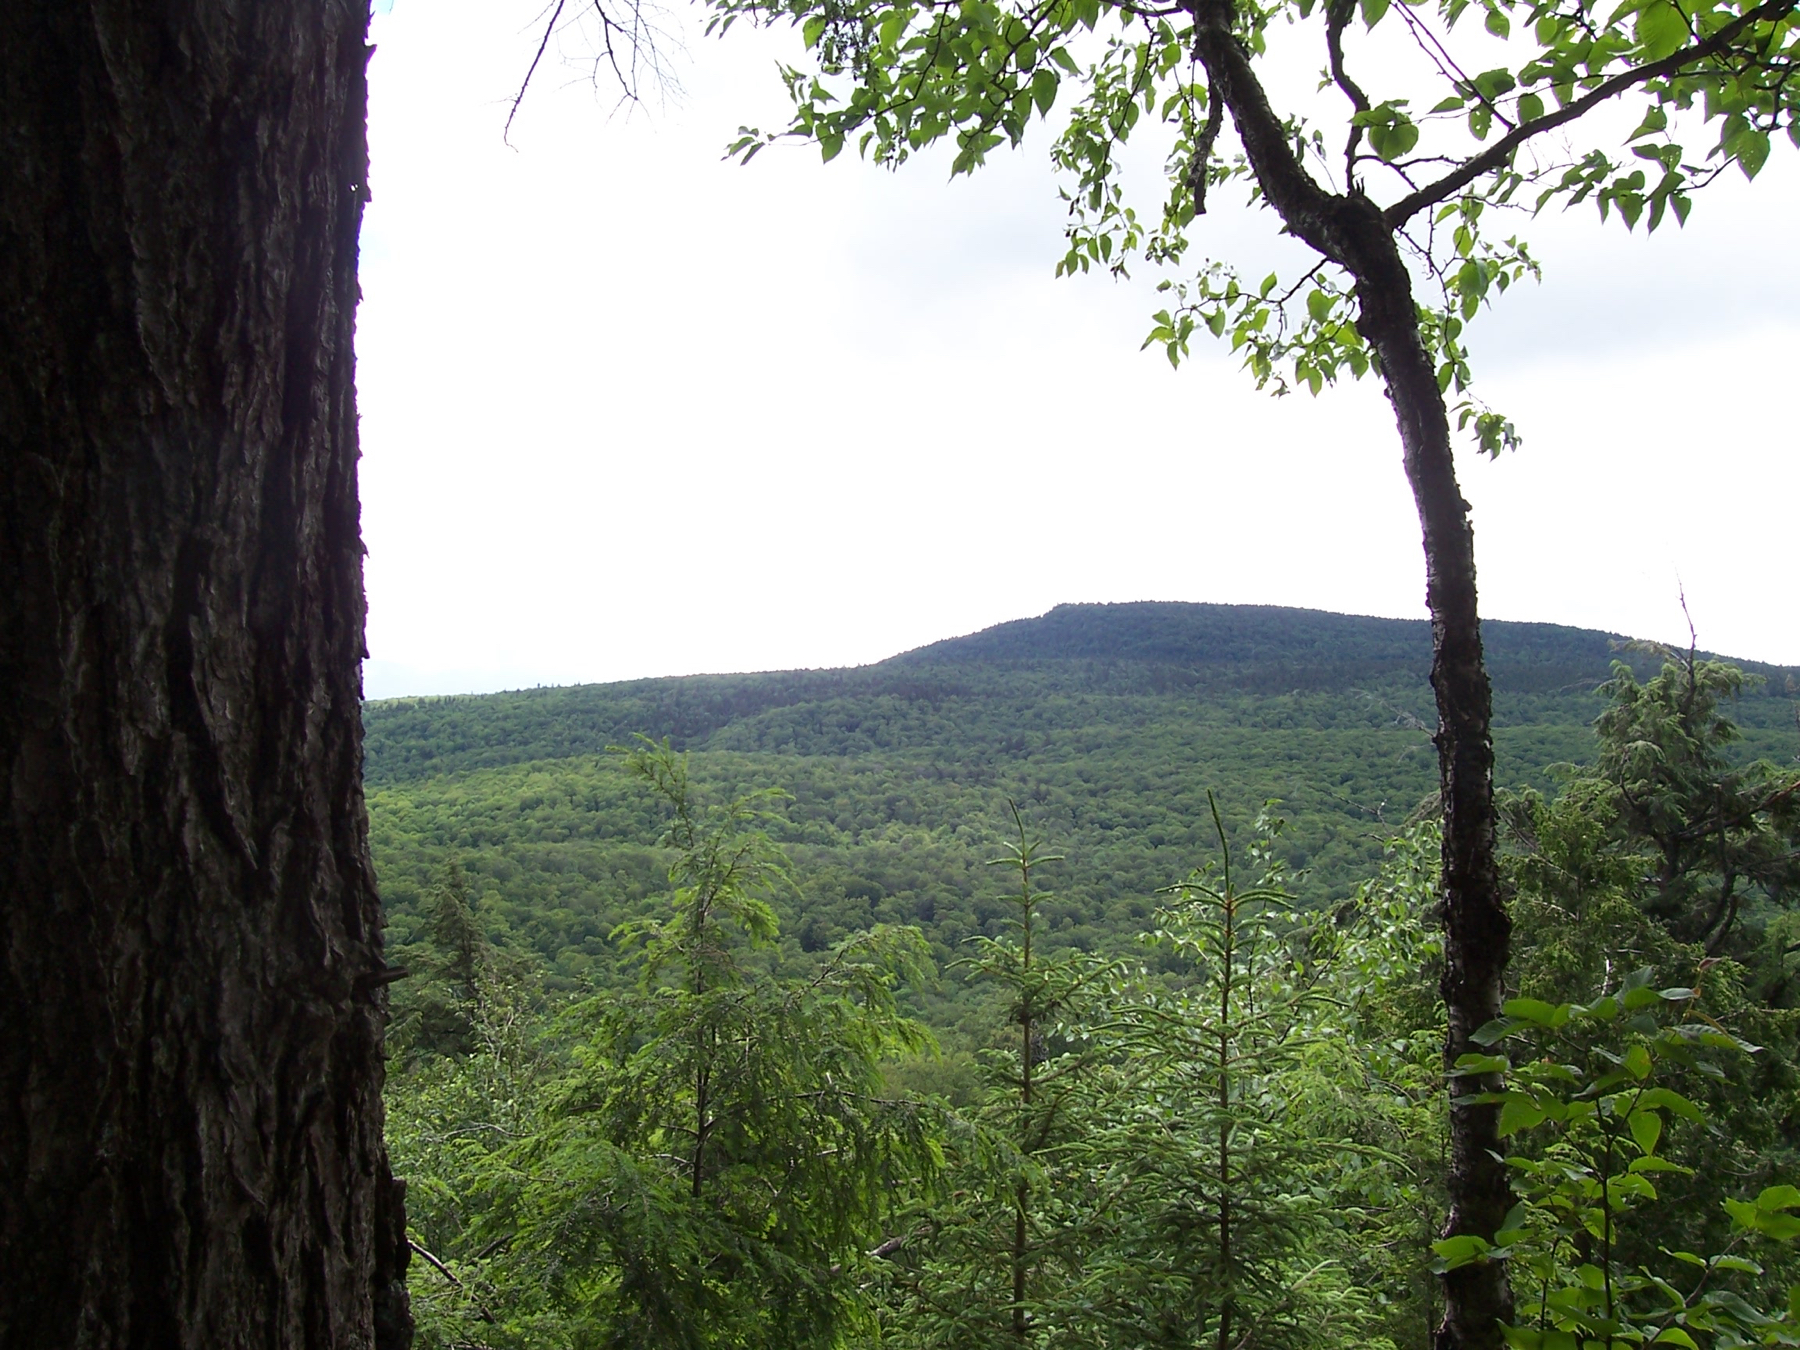 parc-montagne-du-diable-paysage-00067_1800x1350